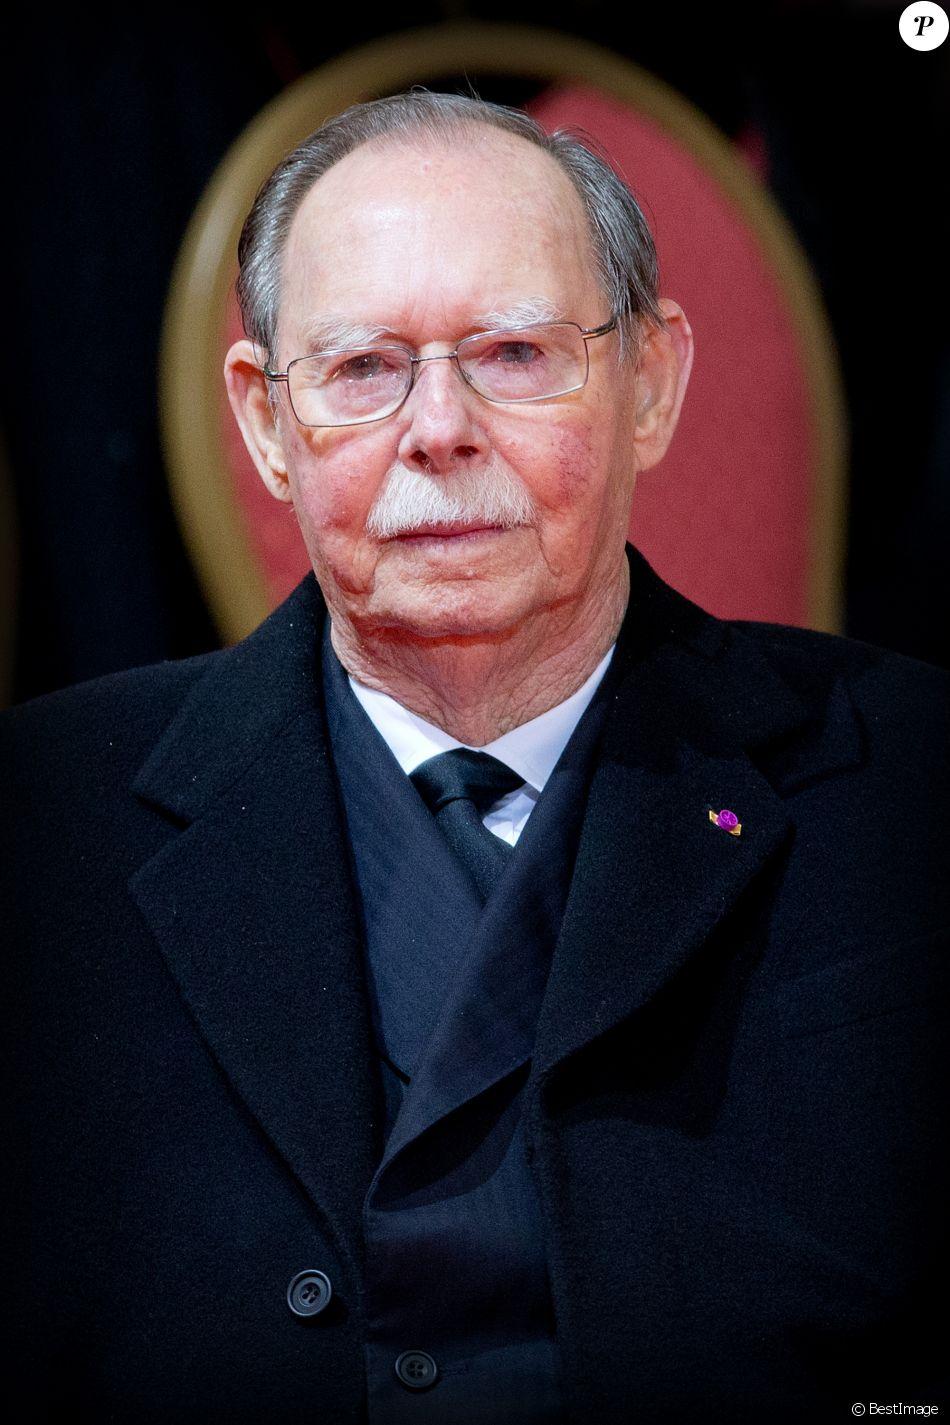 Le grand-duc Jean de Luxembourg le 12 décembre 2014 aux obsèques de la reine Fabiola de Belgique. Le grand-duc est mort dans la nuit du 22 au 23 avril 2019 à l'âge de 98 ans.